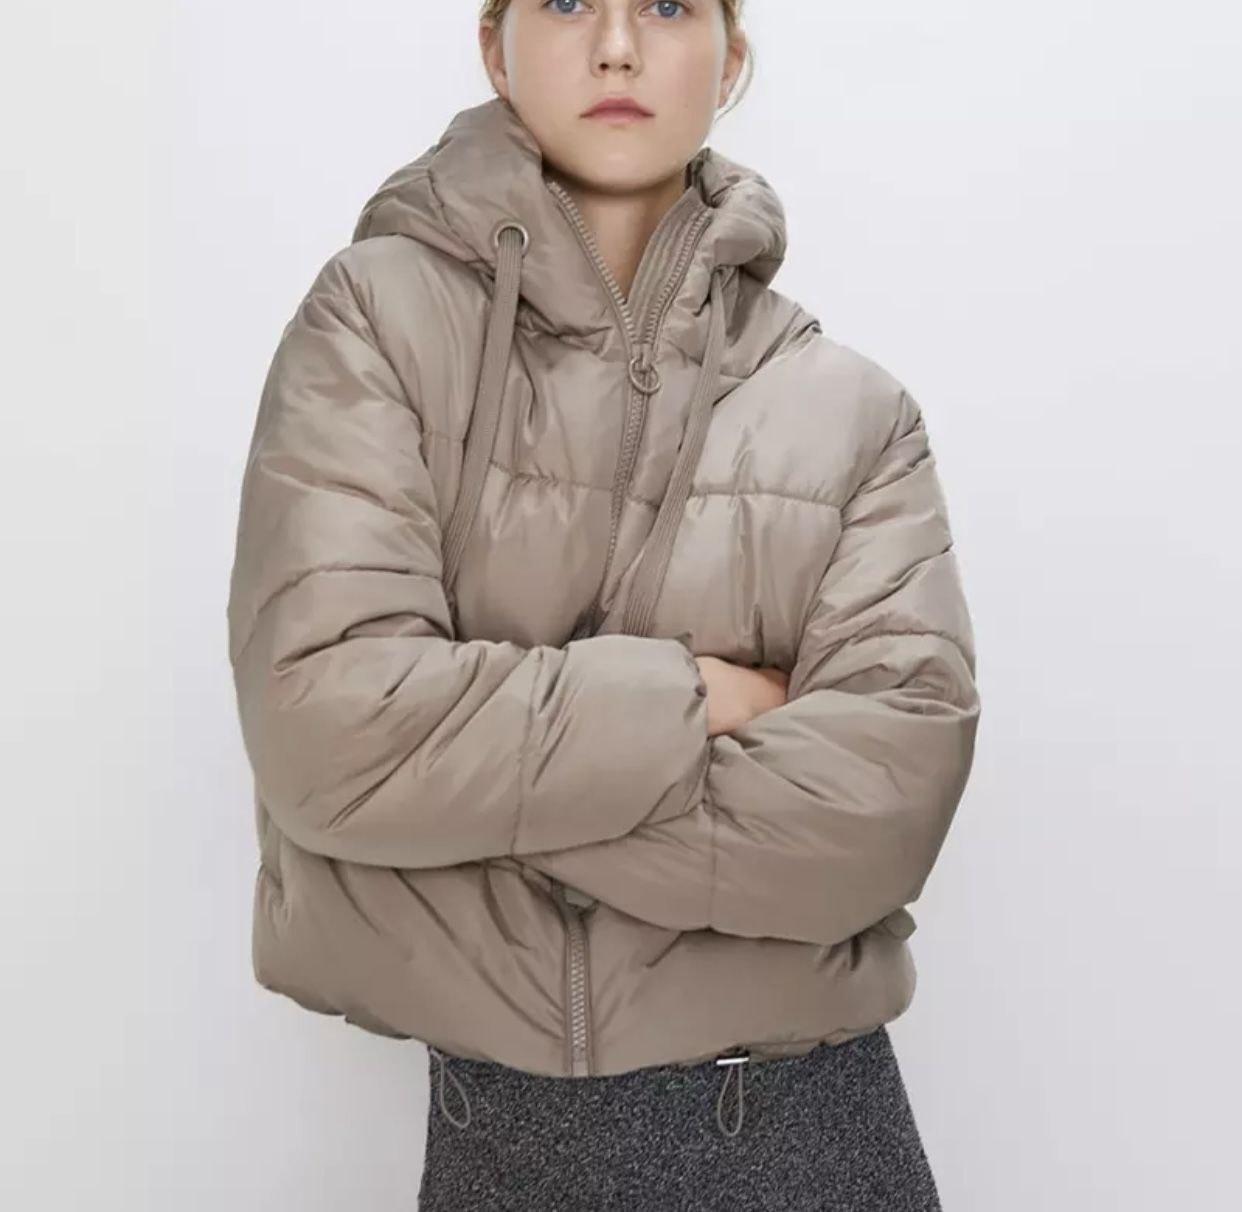 Бежева стильна жіноча куртка з плащової тканини з капюшоном